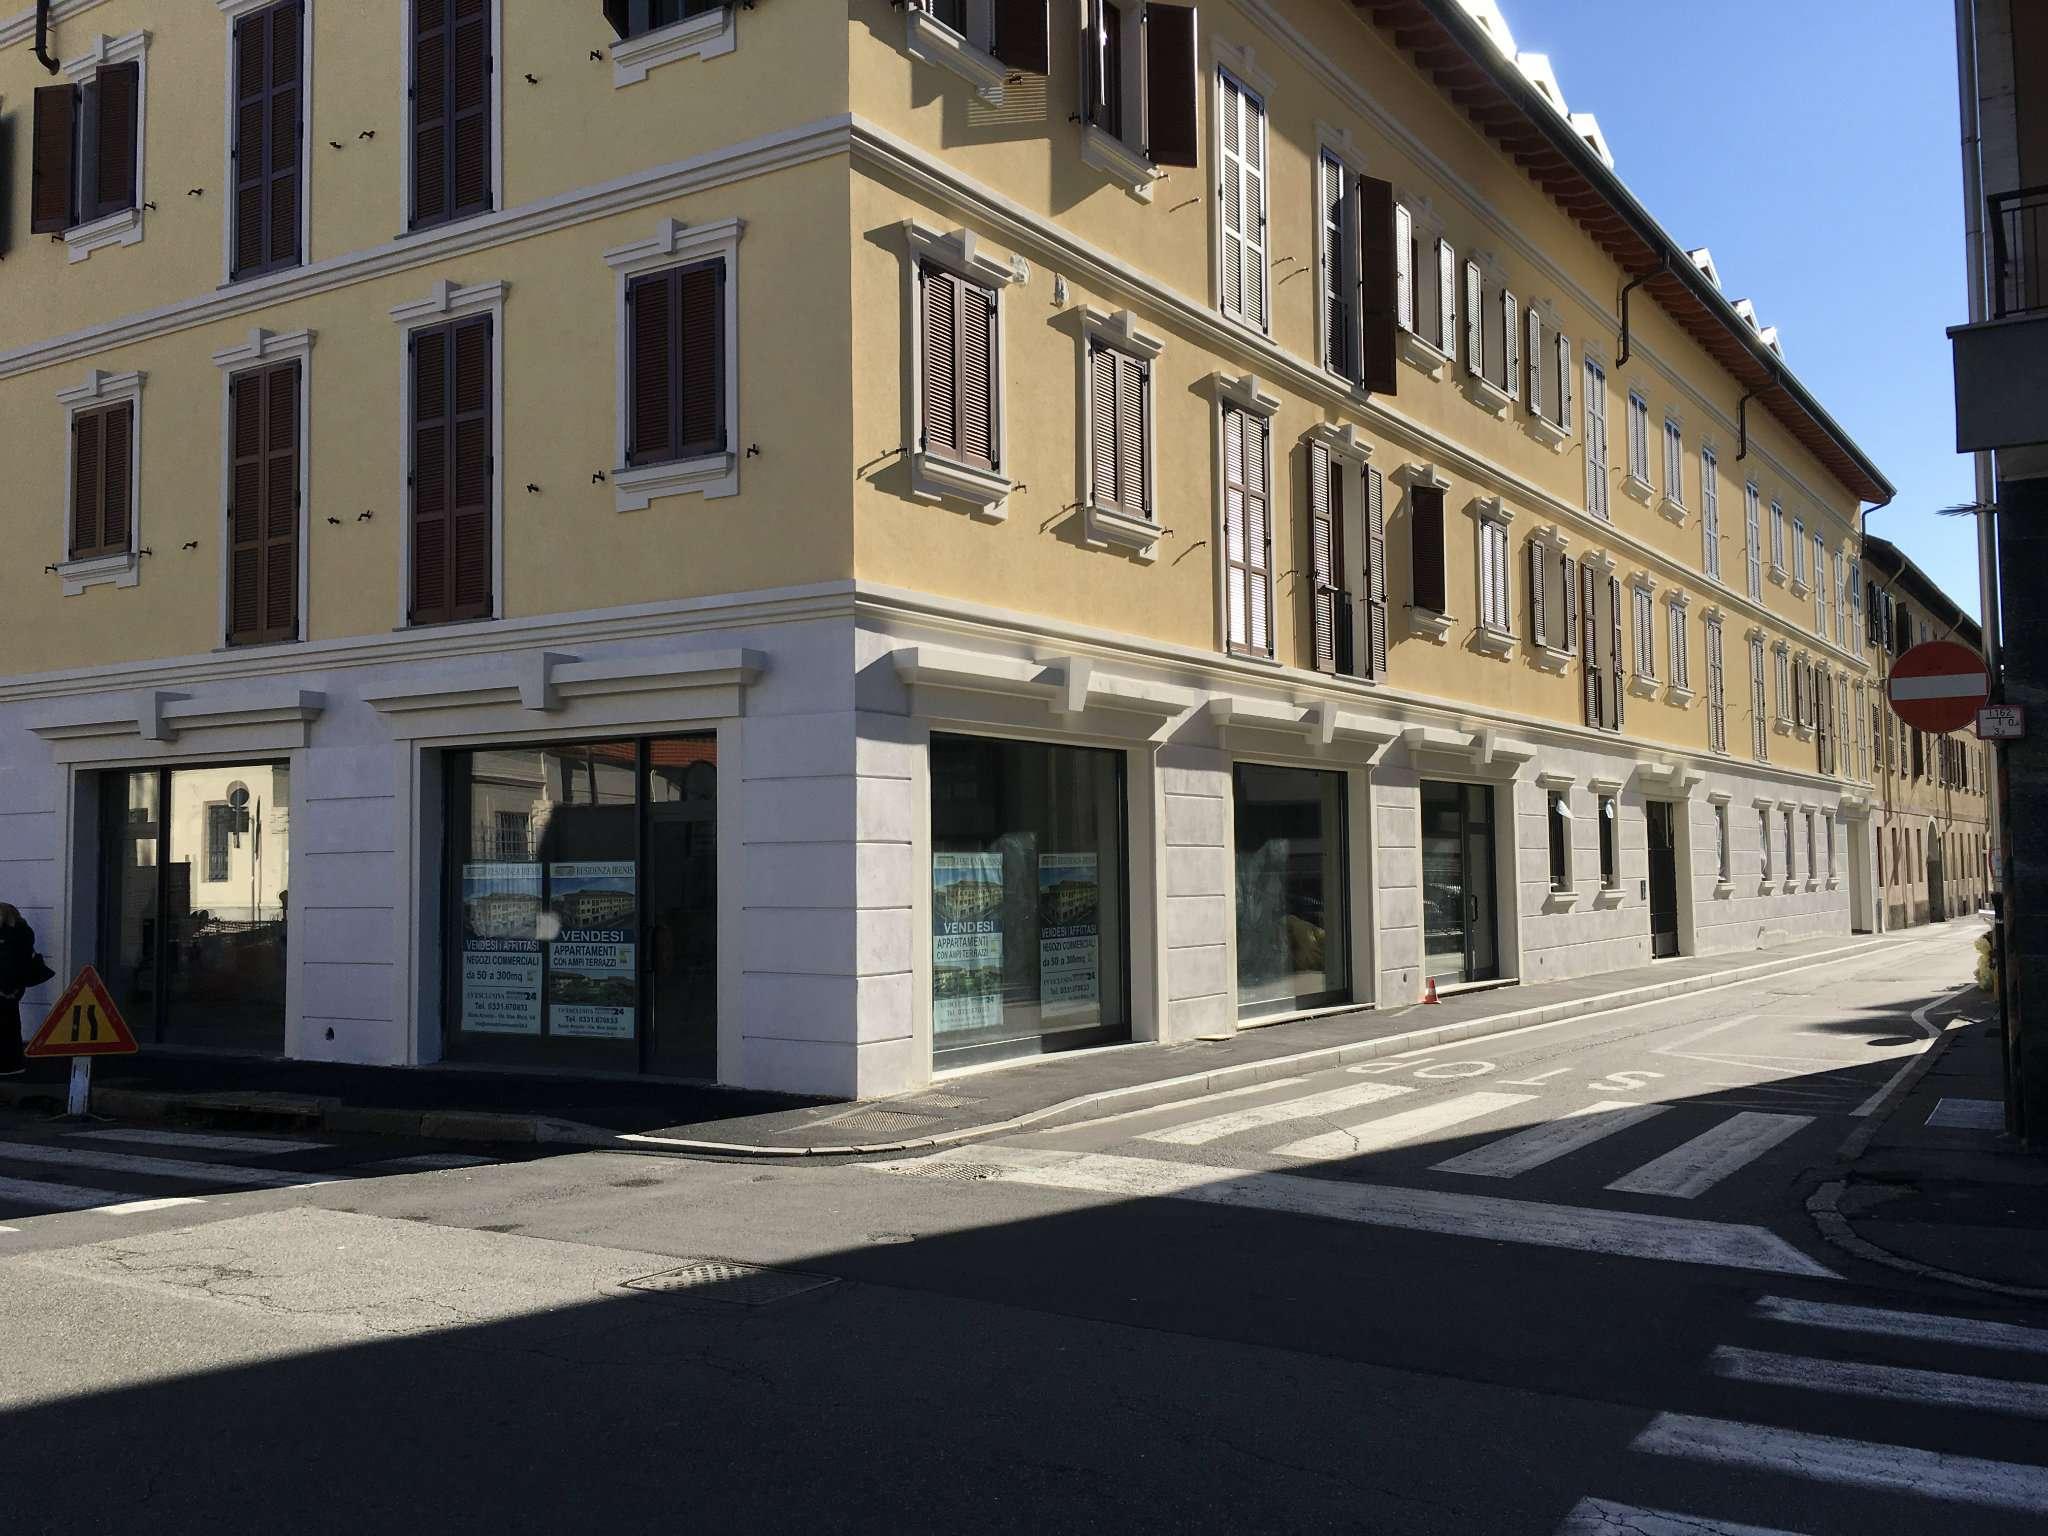 Negozio / Locale in vendita a Busto Arsizio, 1 locali, prezzo € 378.420 | PortaleAgenzieImmobiliari.it